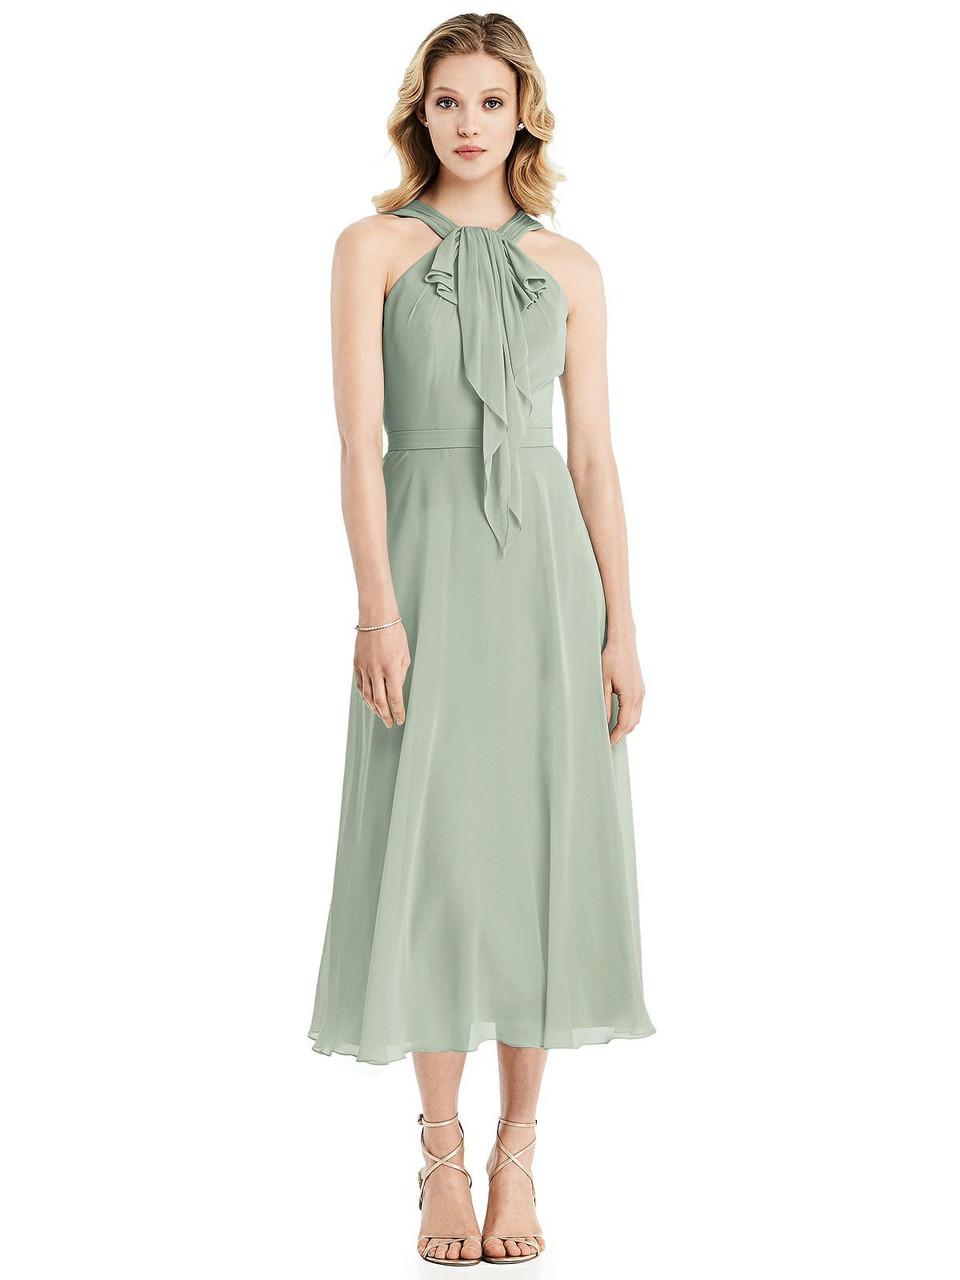 Jenny Packham Style JP1028 - Lux Chiffon - Chiffon Ruffle Halter Midi Dress